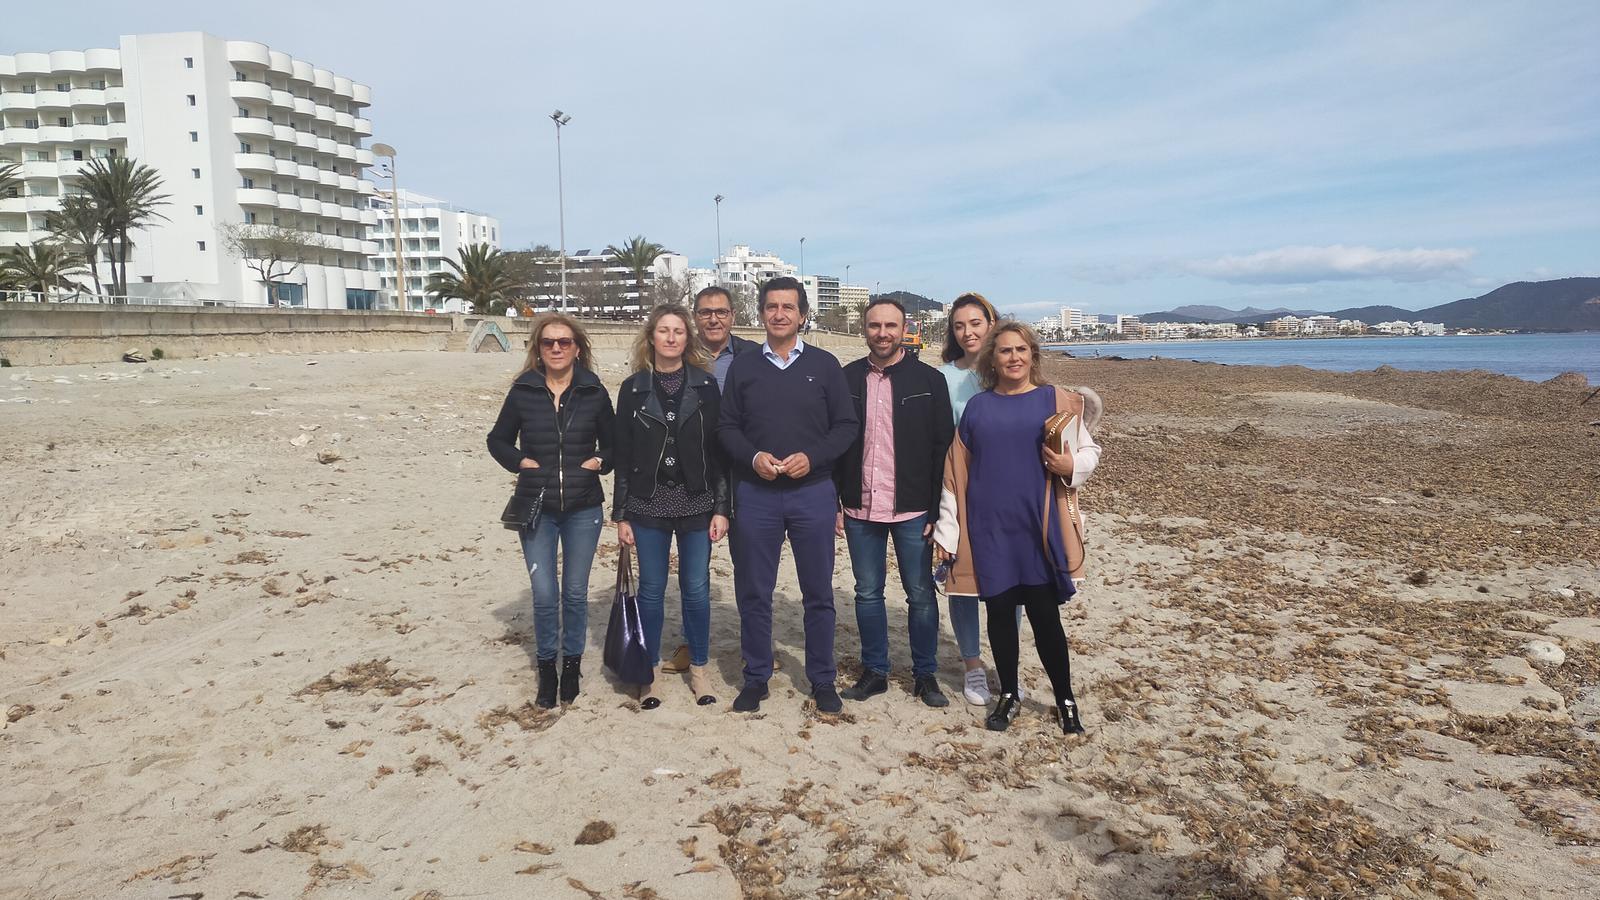 Representants del PP sobre la platja de Cala Millor, despullada d'arena.